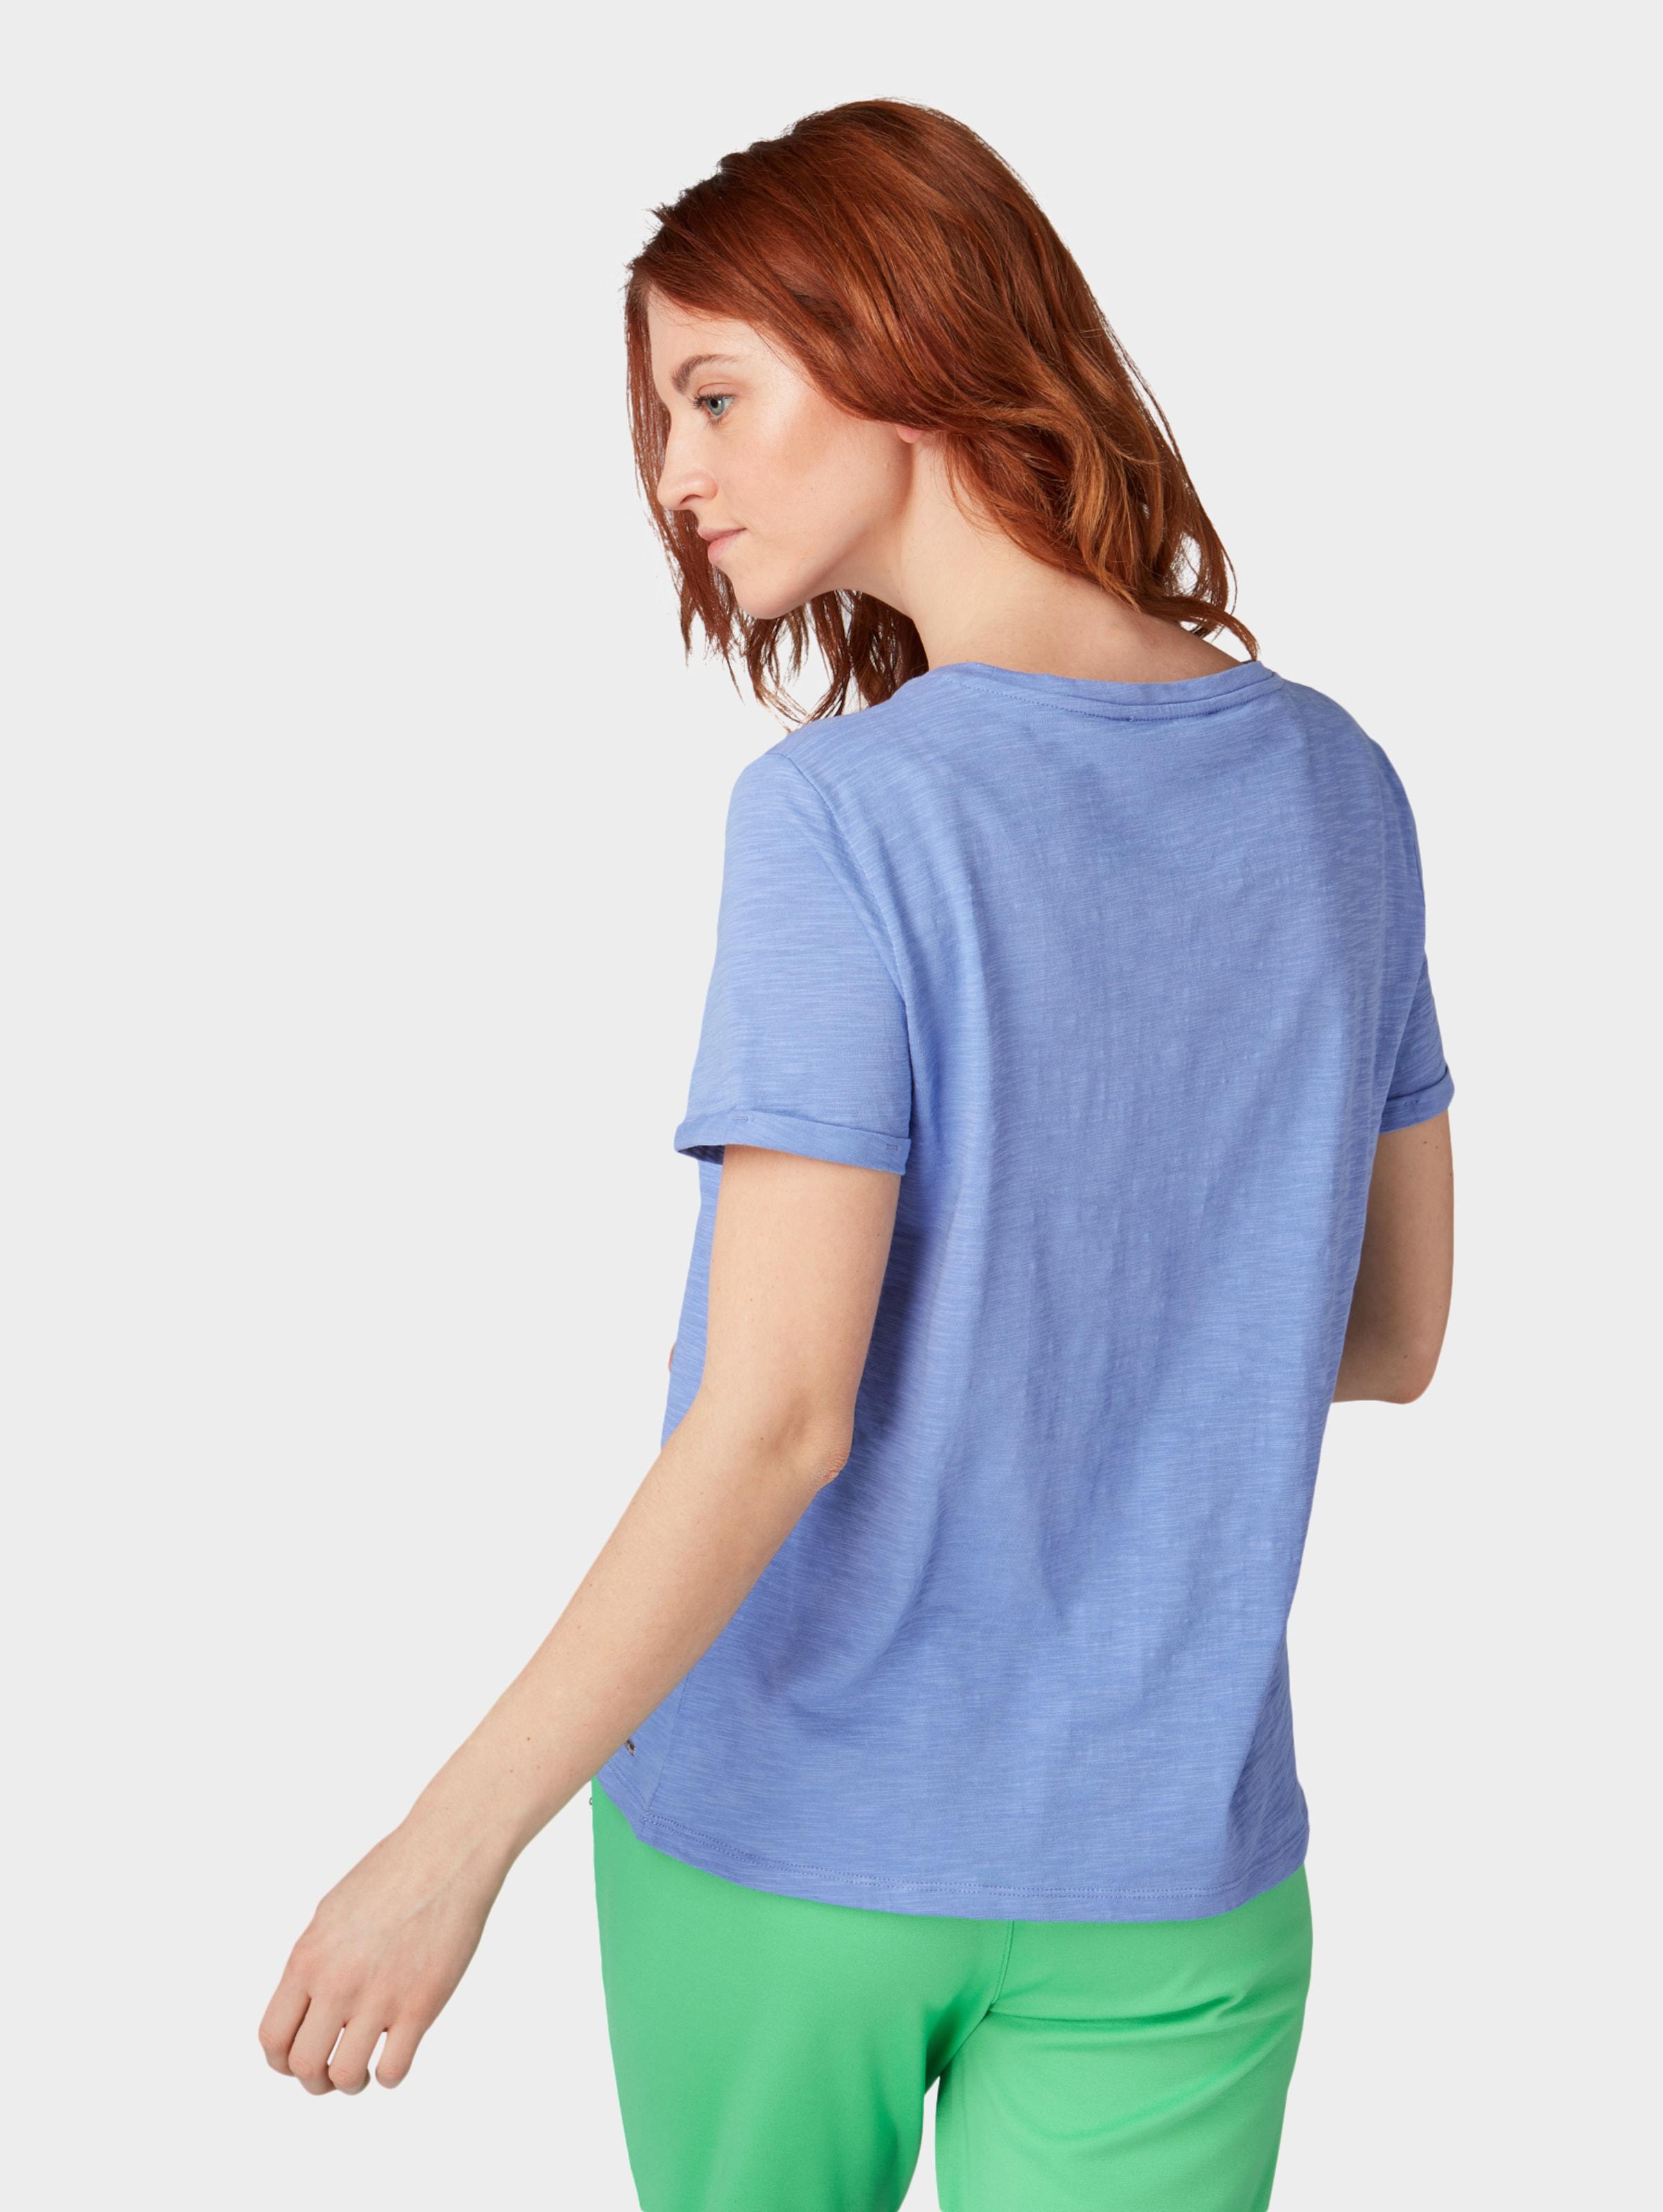 RoyalblauGelb T shirt Denim Tom Tailor In LR5Aj34q